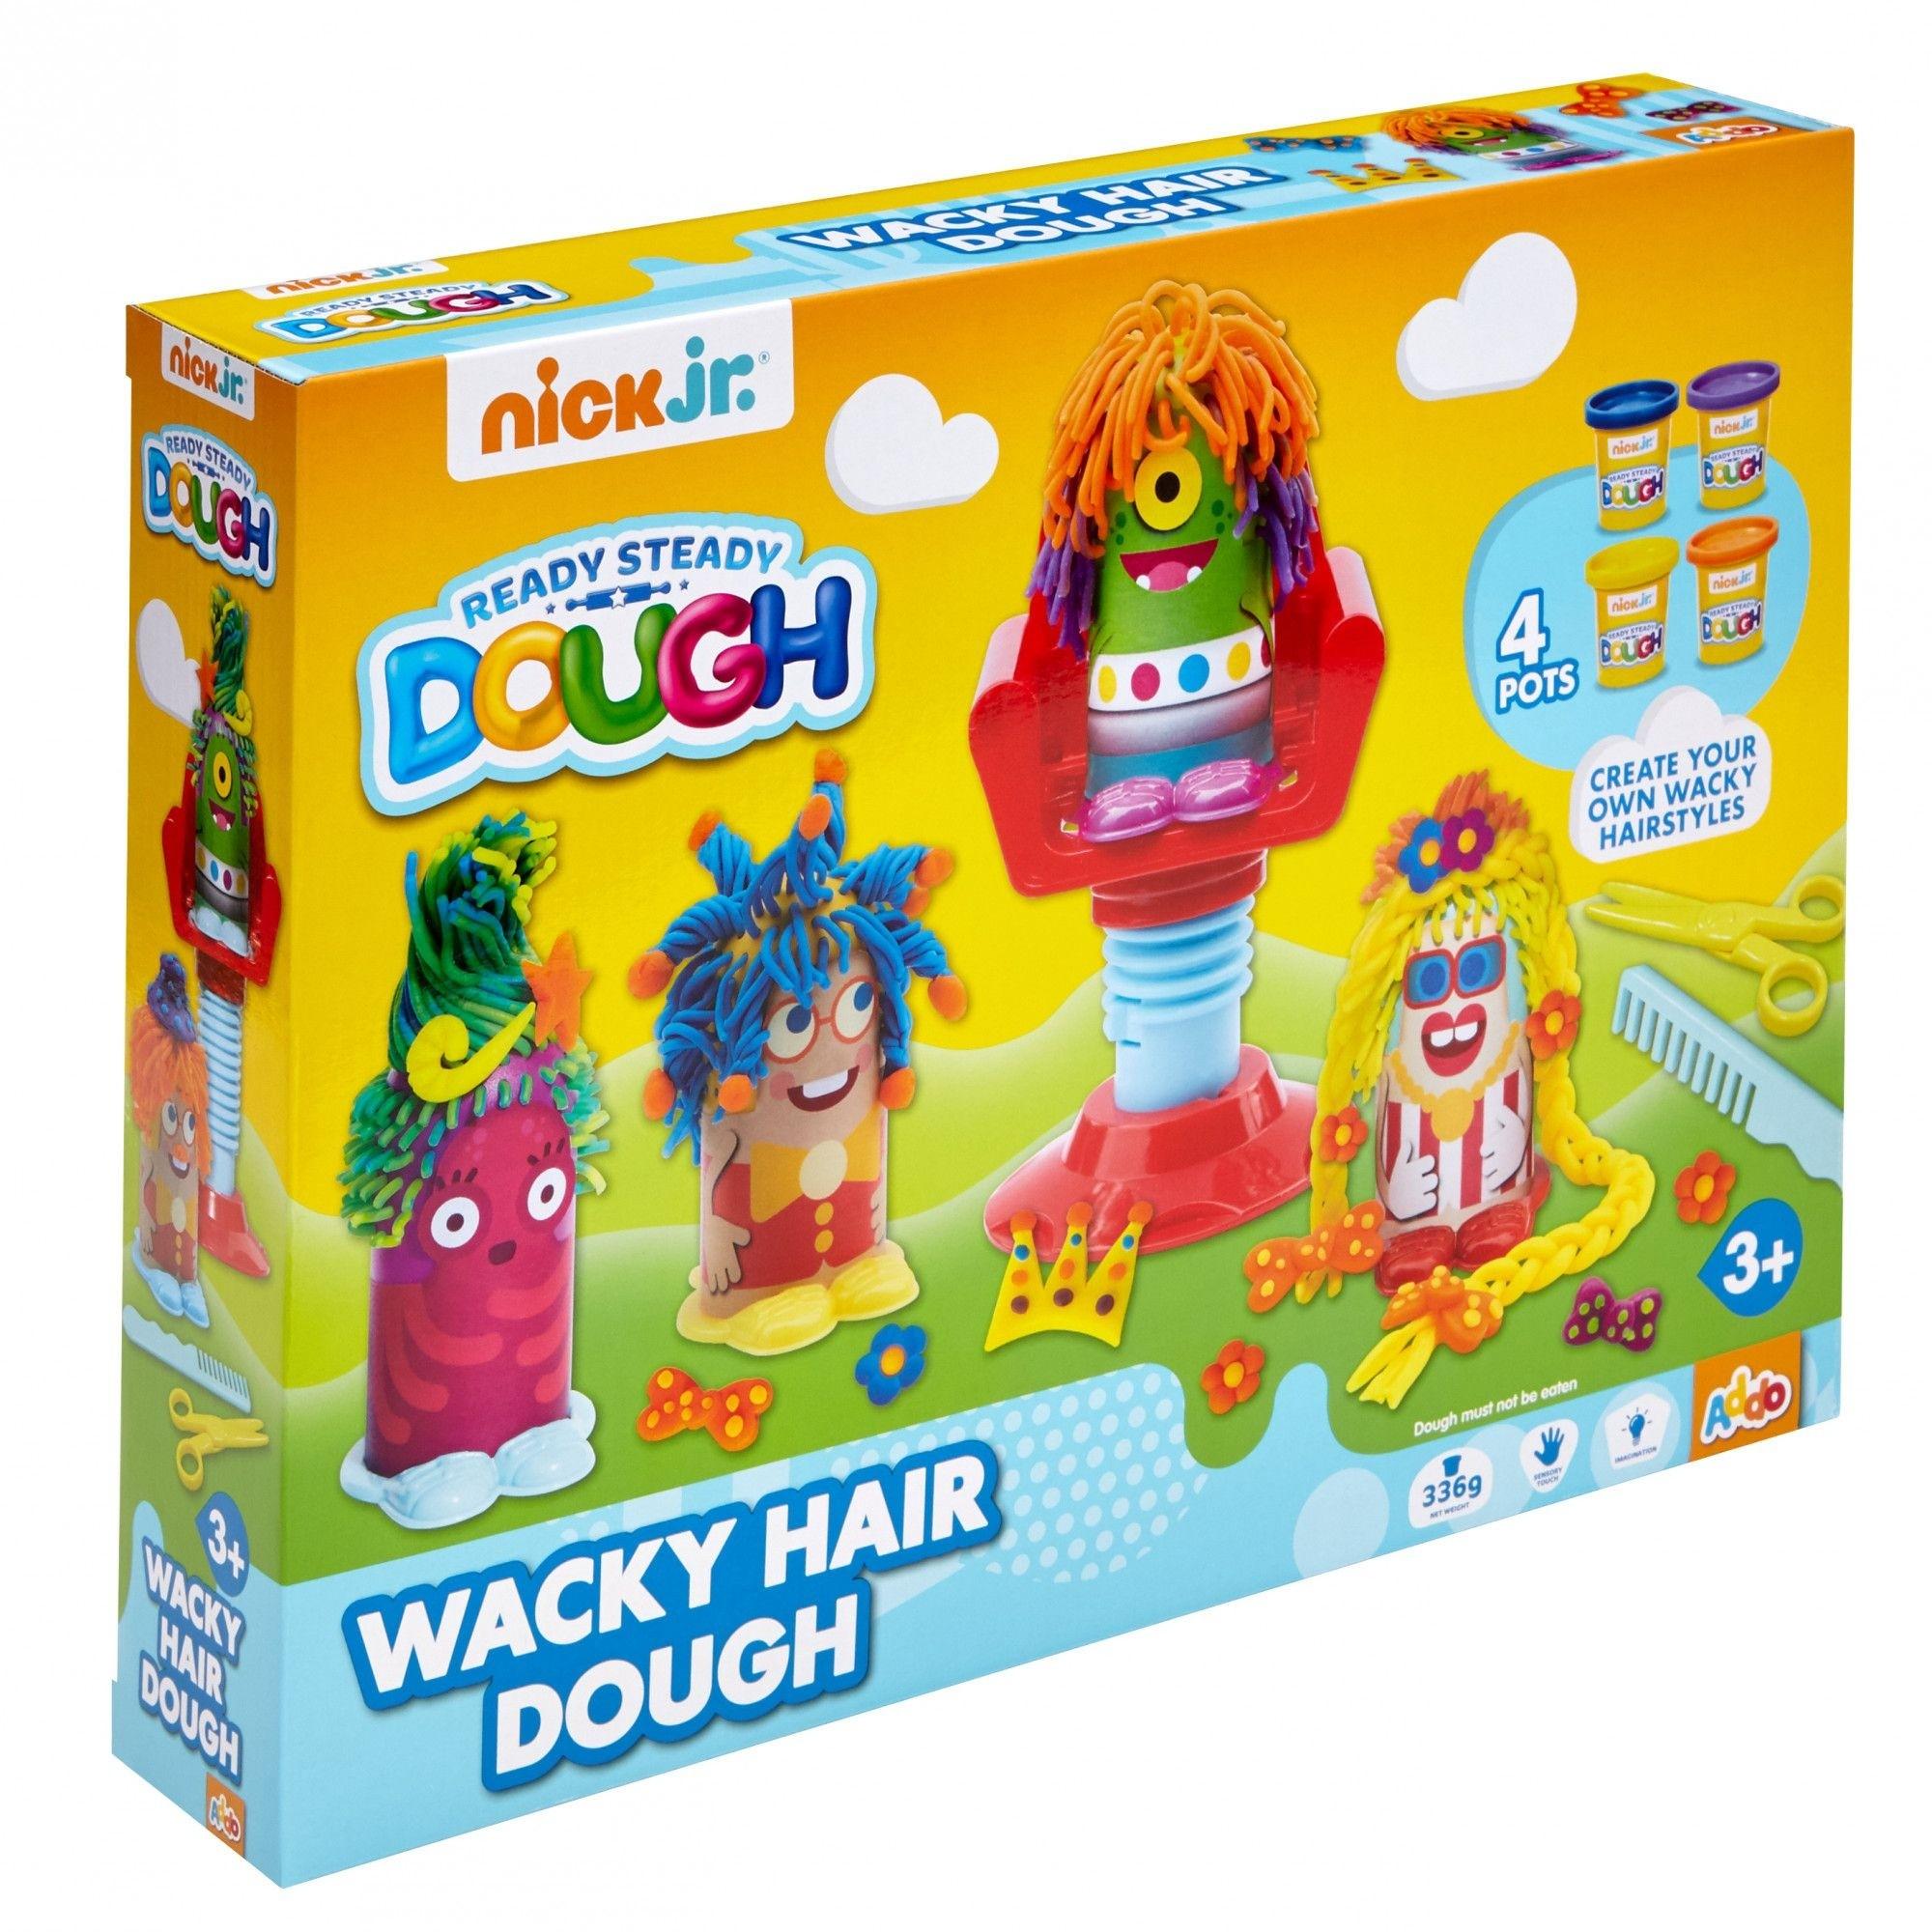 Nick Jr Wacky Hair Dough